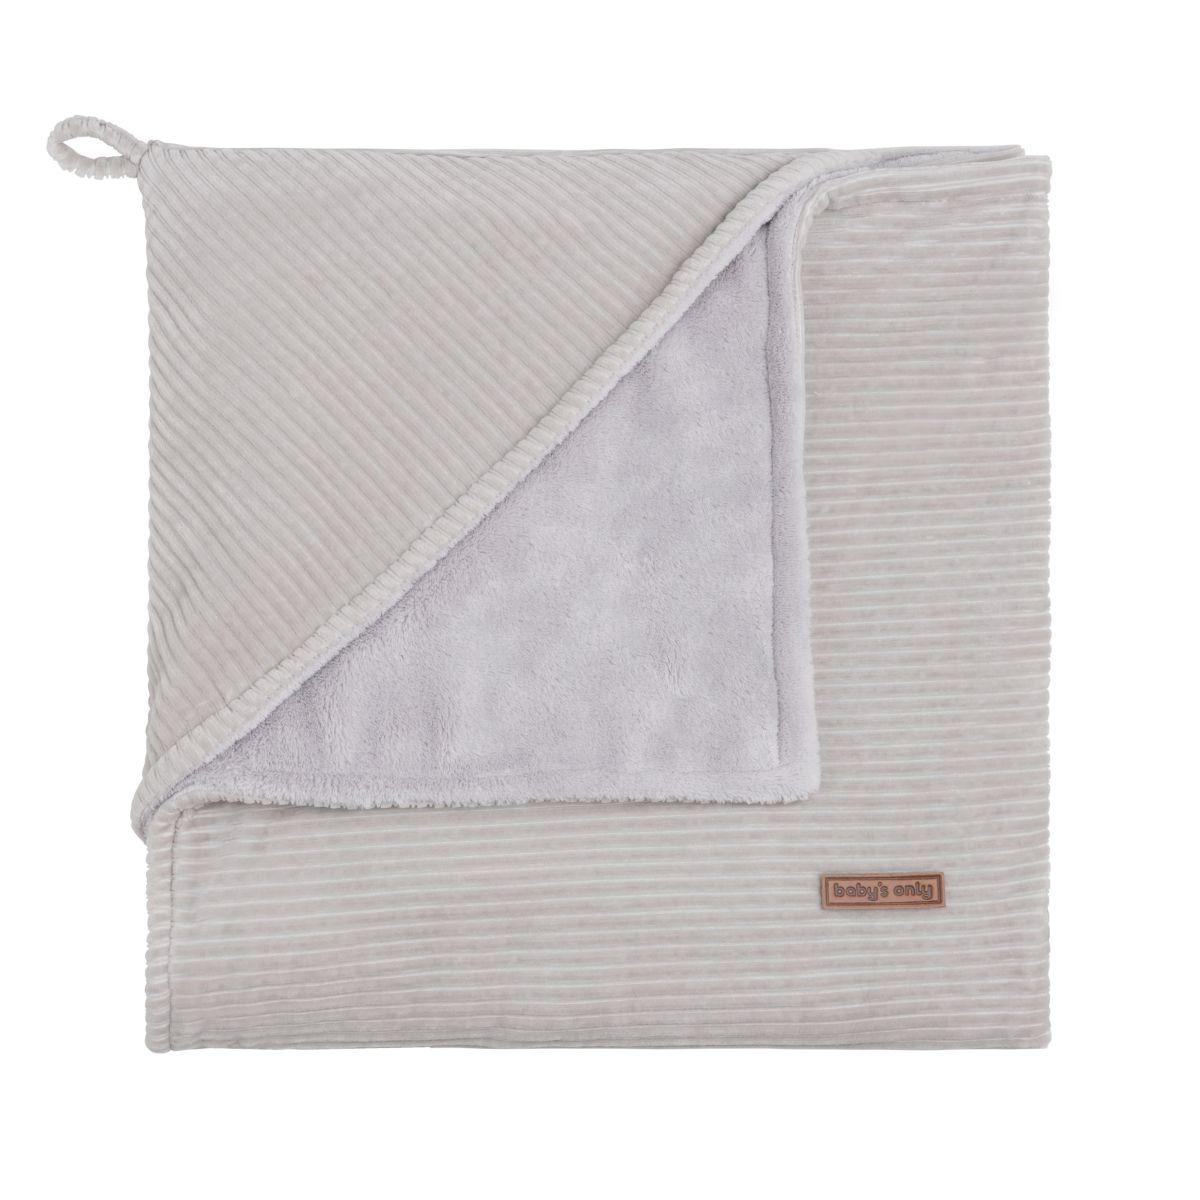 couverture enveloppante caillou gris